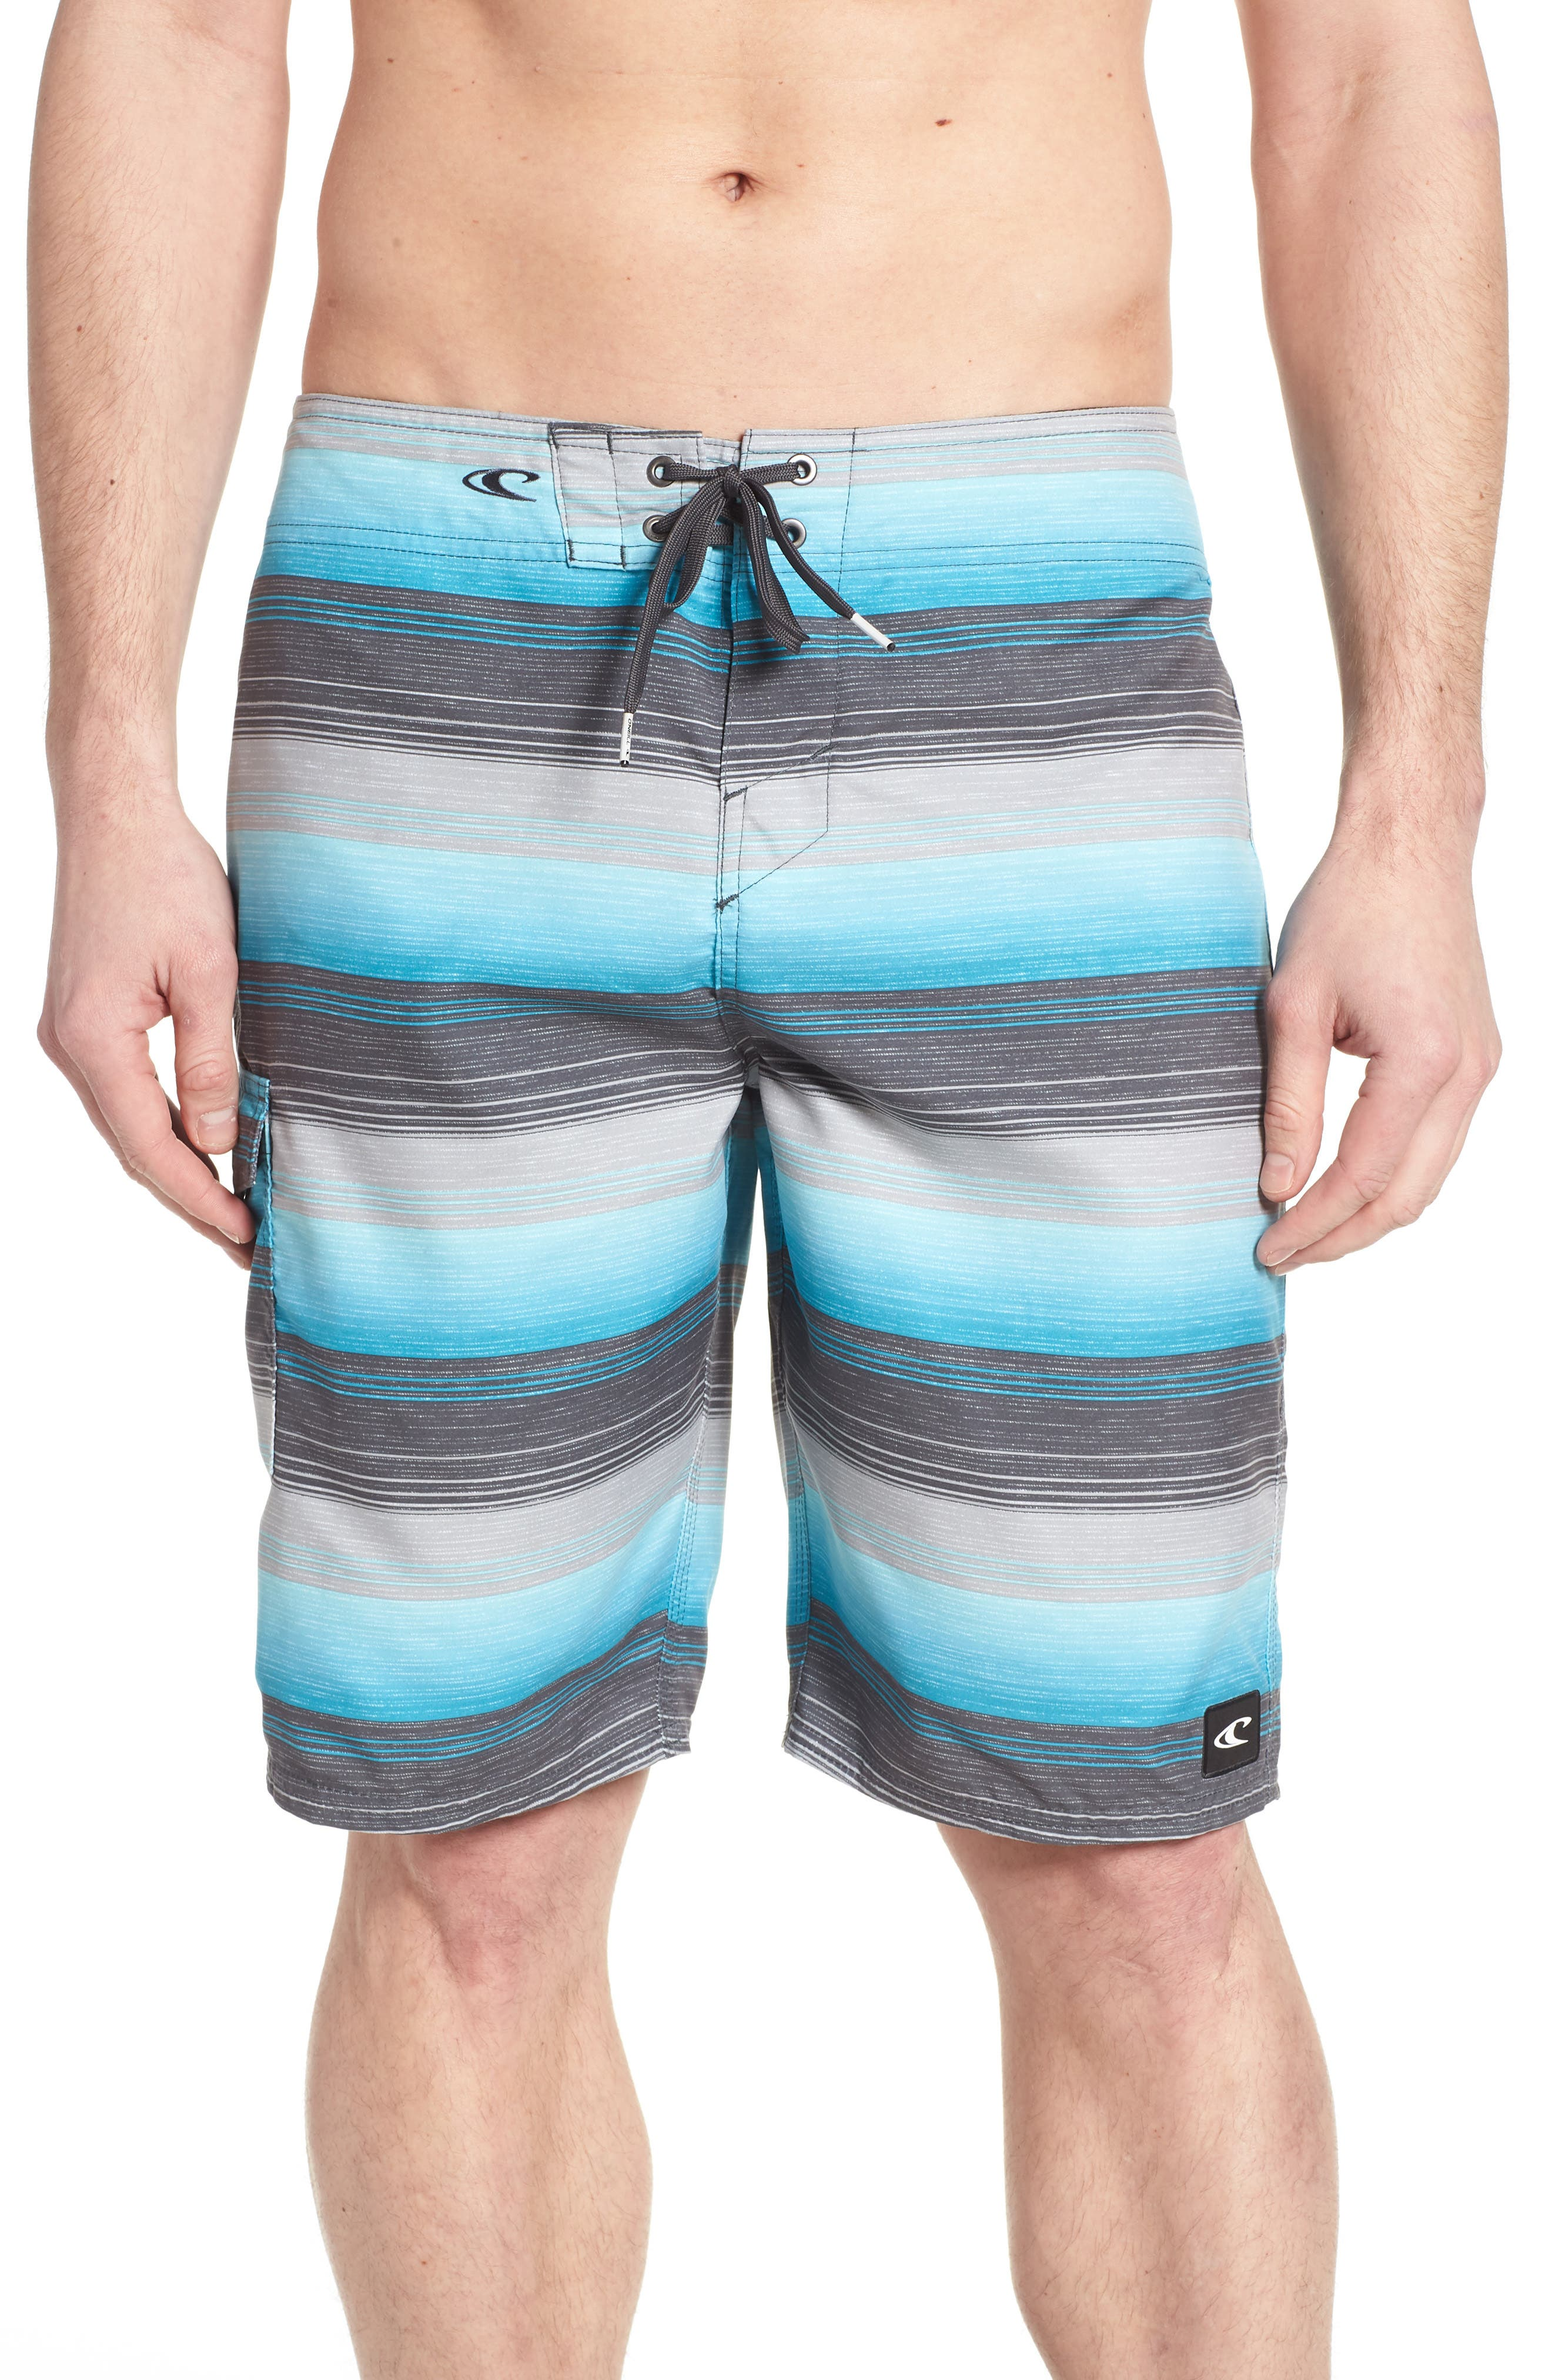 Santa Cruz Board Shorts,                             Main thumbnail 1, color,                             Ocean